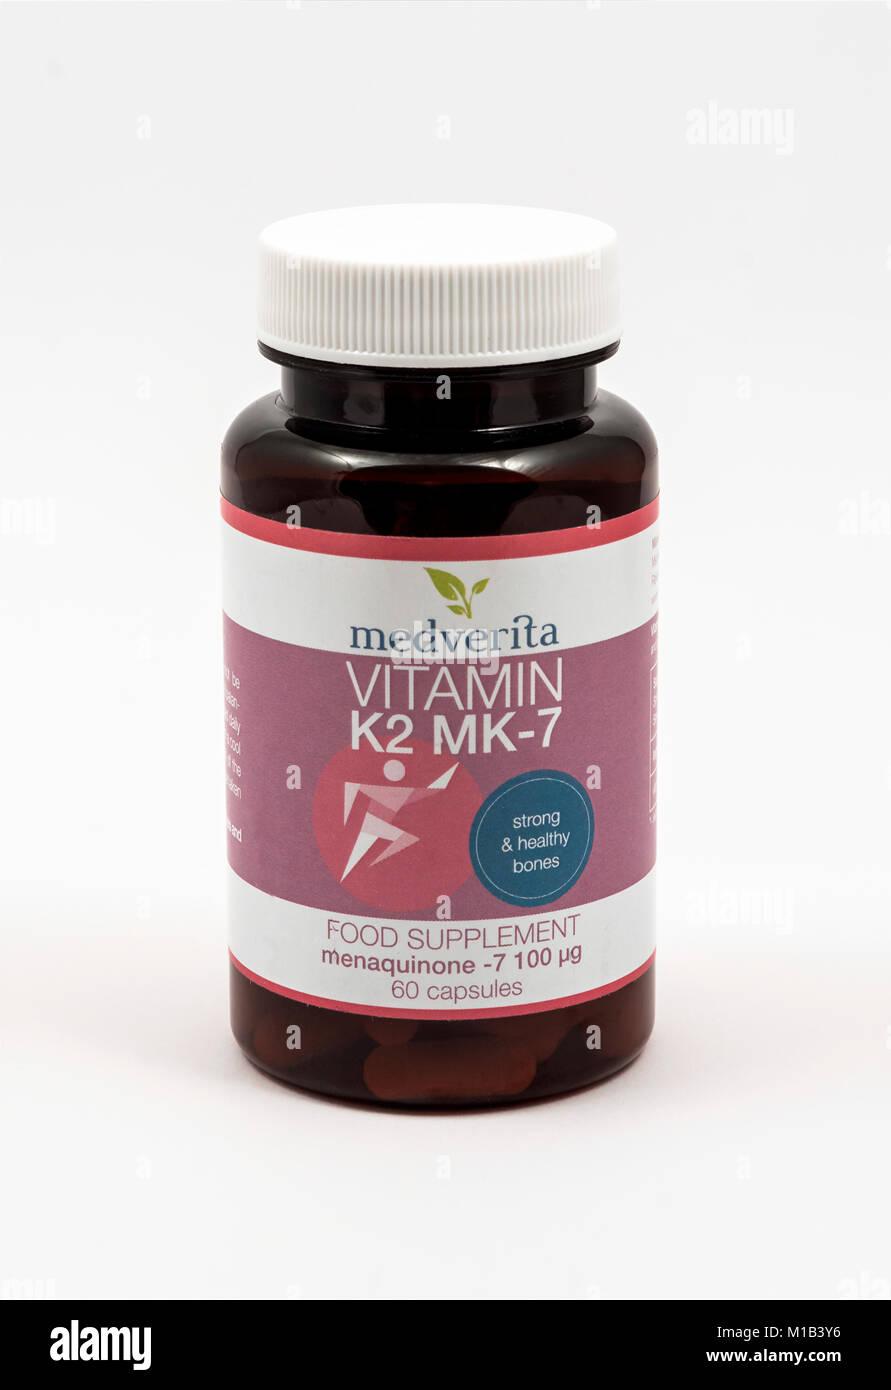 Vitamin K2 MK7 - Stock Image